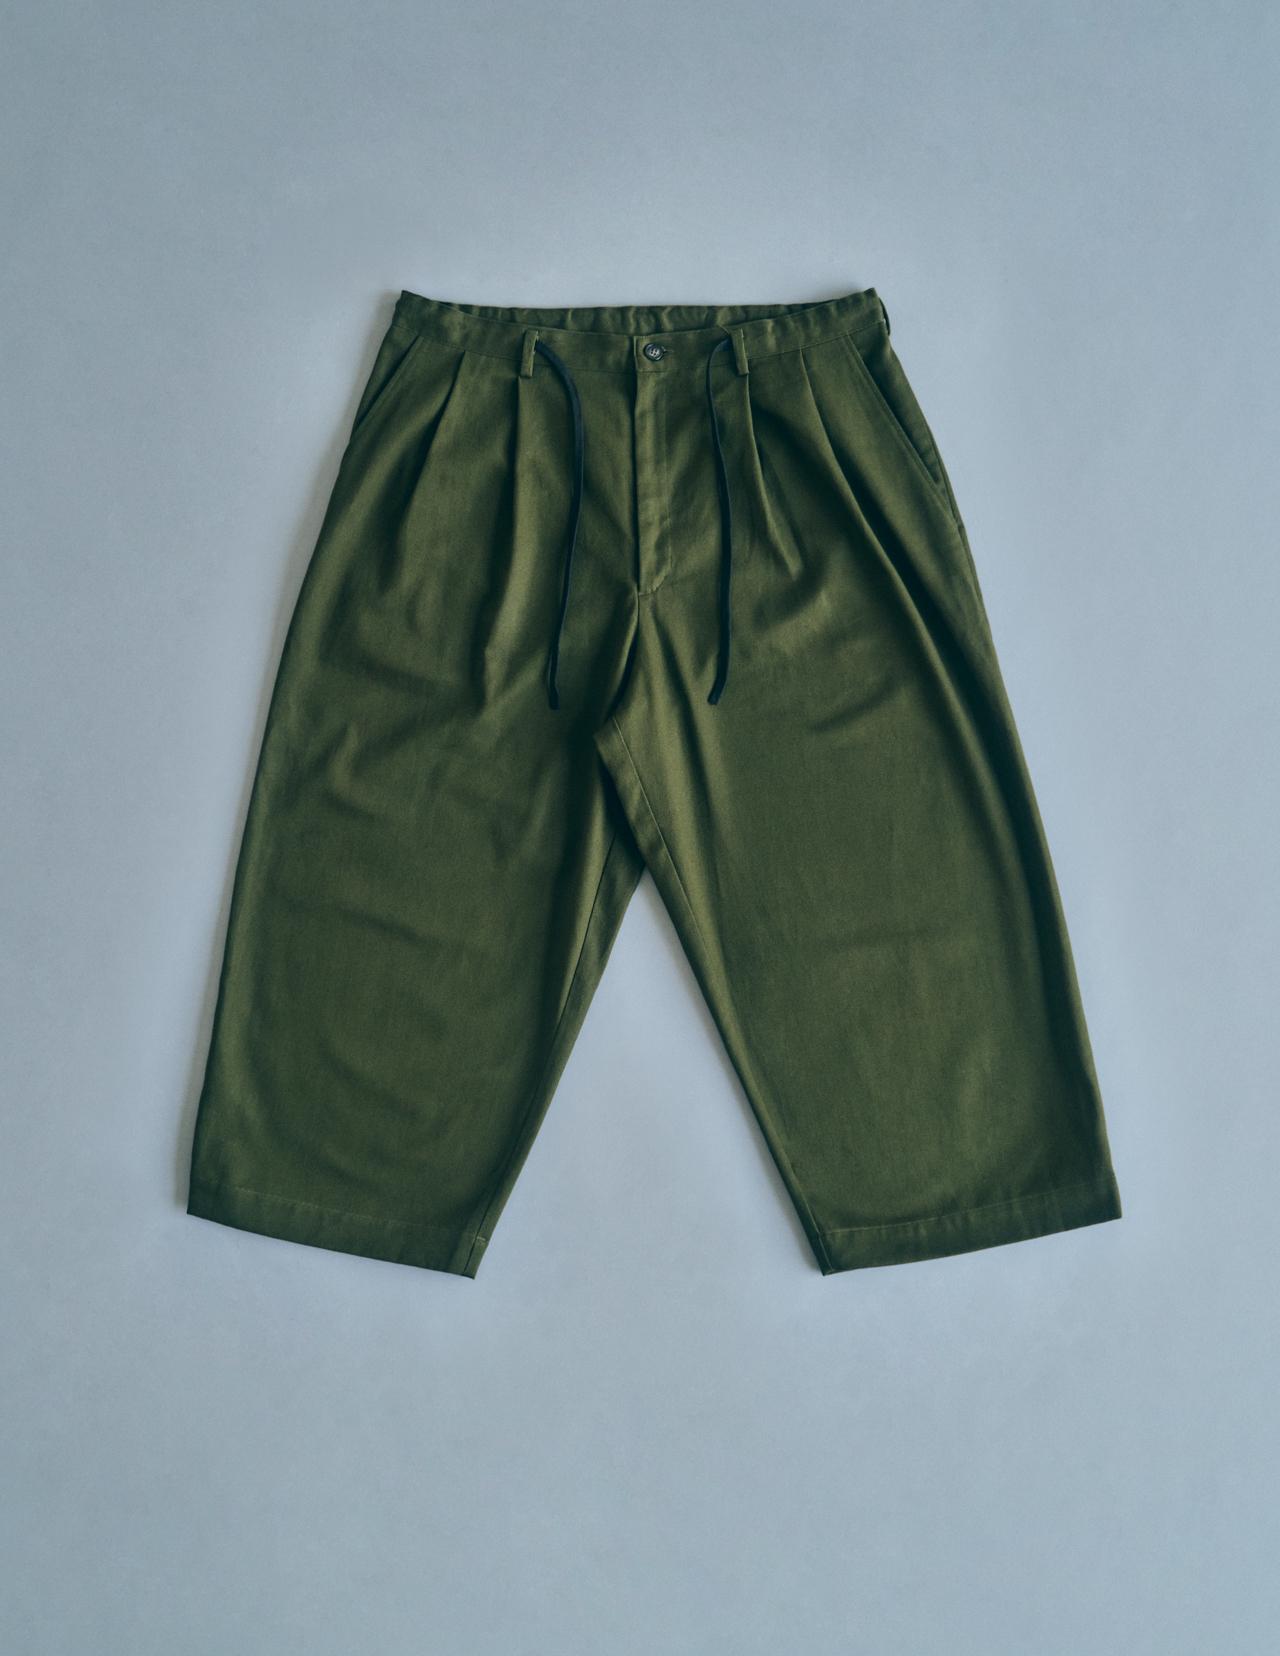 [ATAMI 'n' TOKYO×BEDORO] Easy Wide Pants - アオギリ